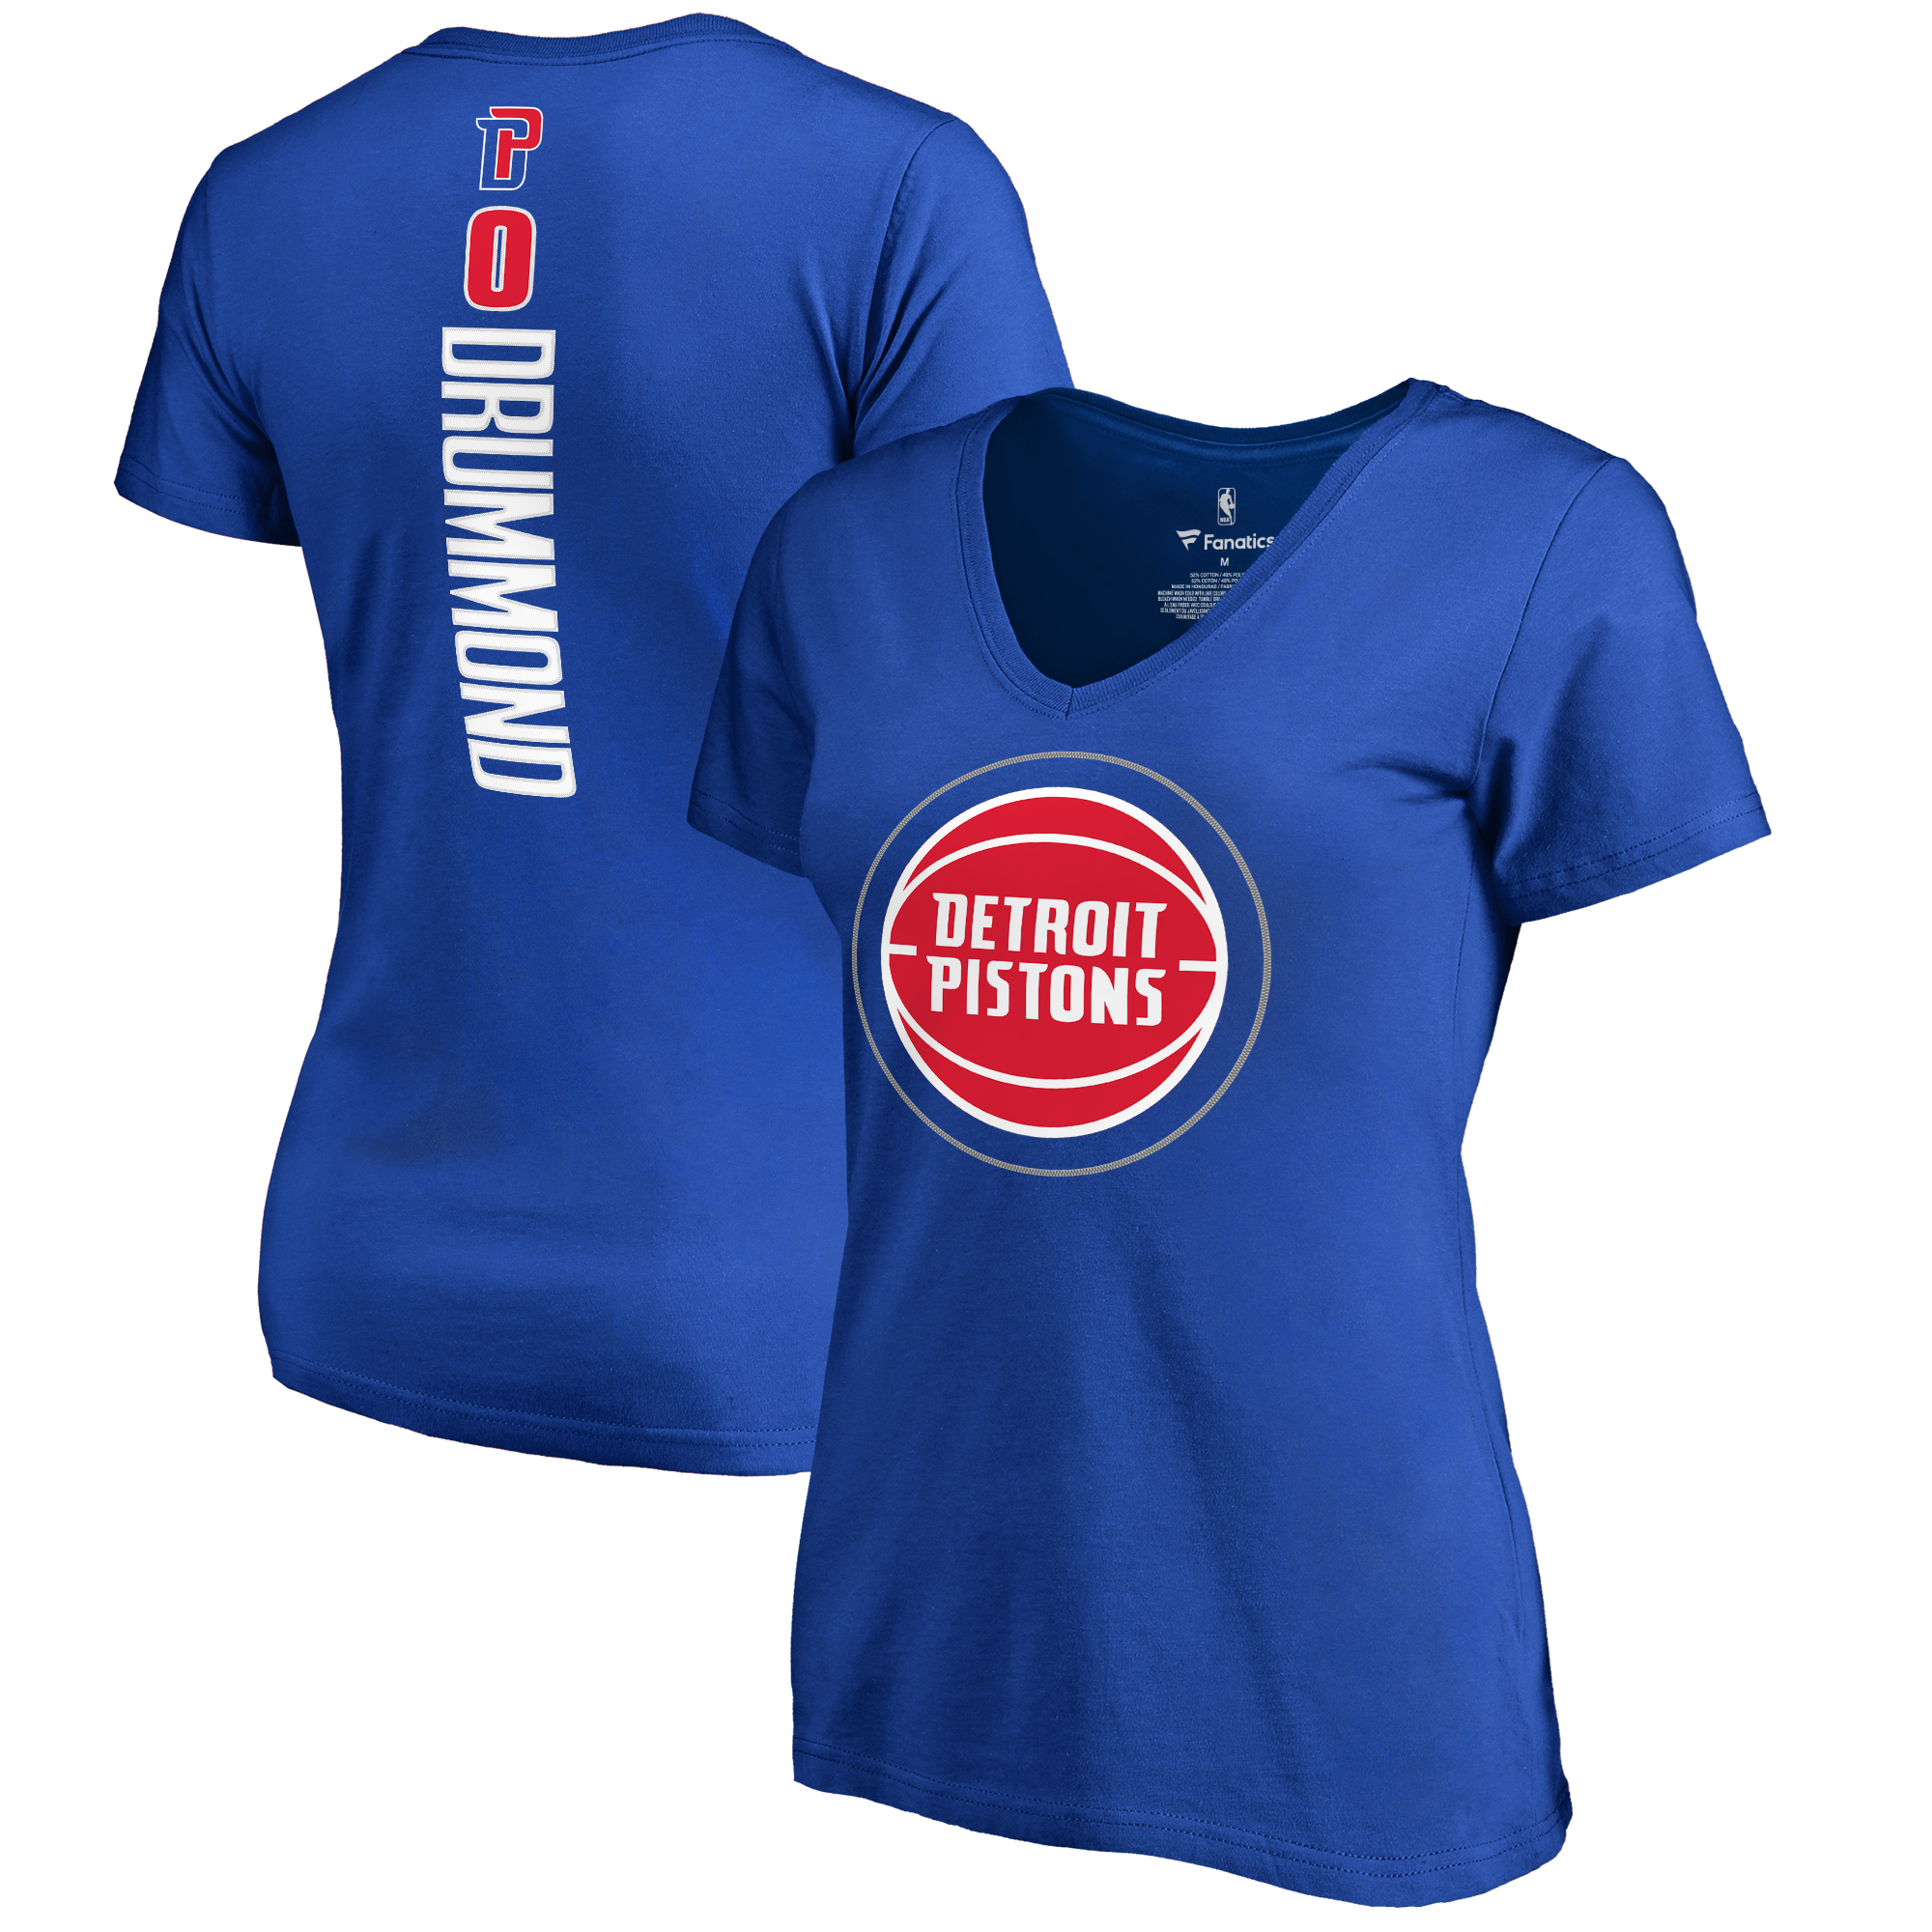 Andre Drummond Detroit Pistons Women's Backer V-Neck T-Shirt - Royal